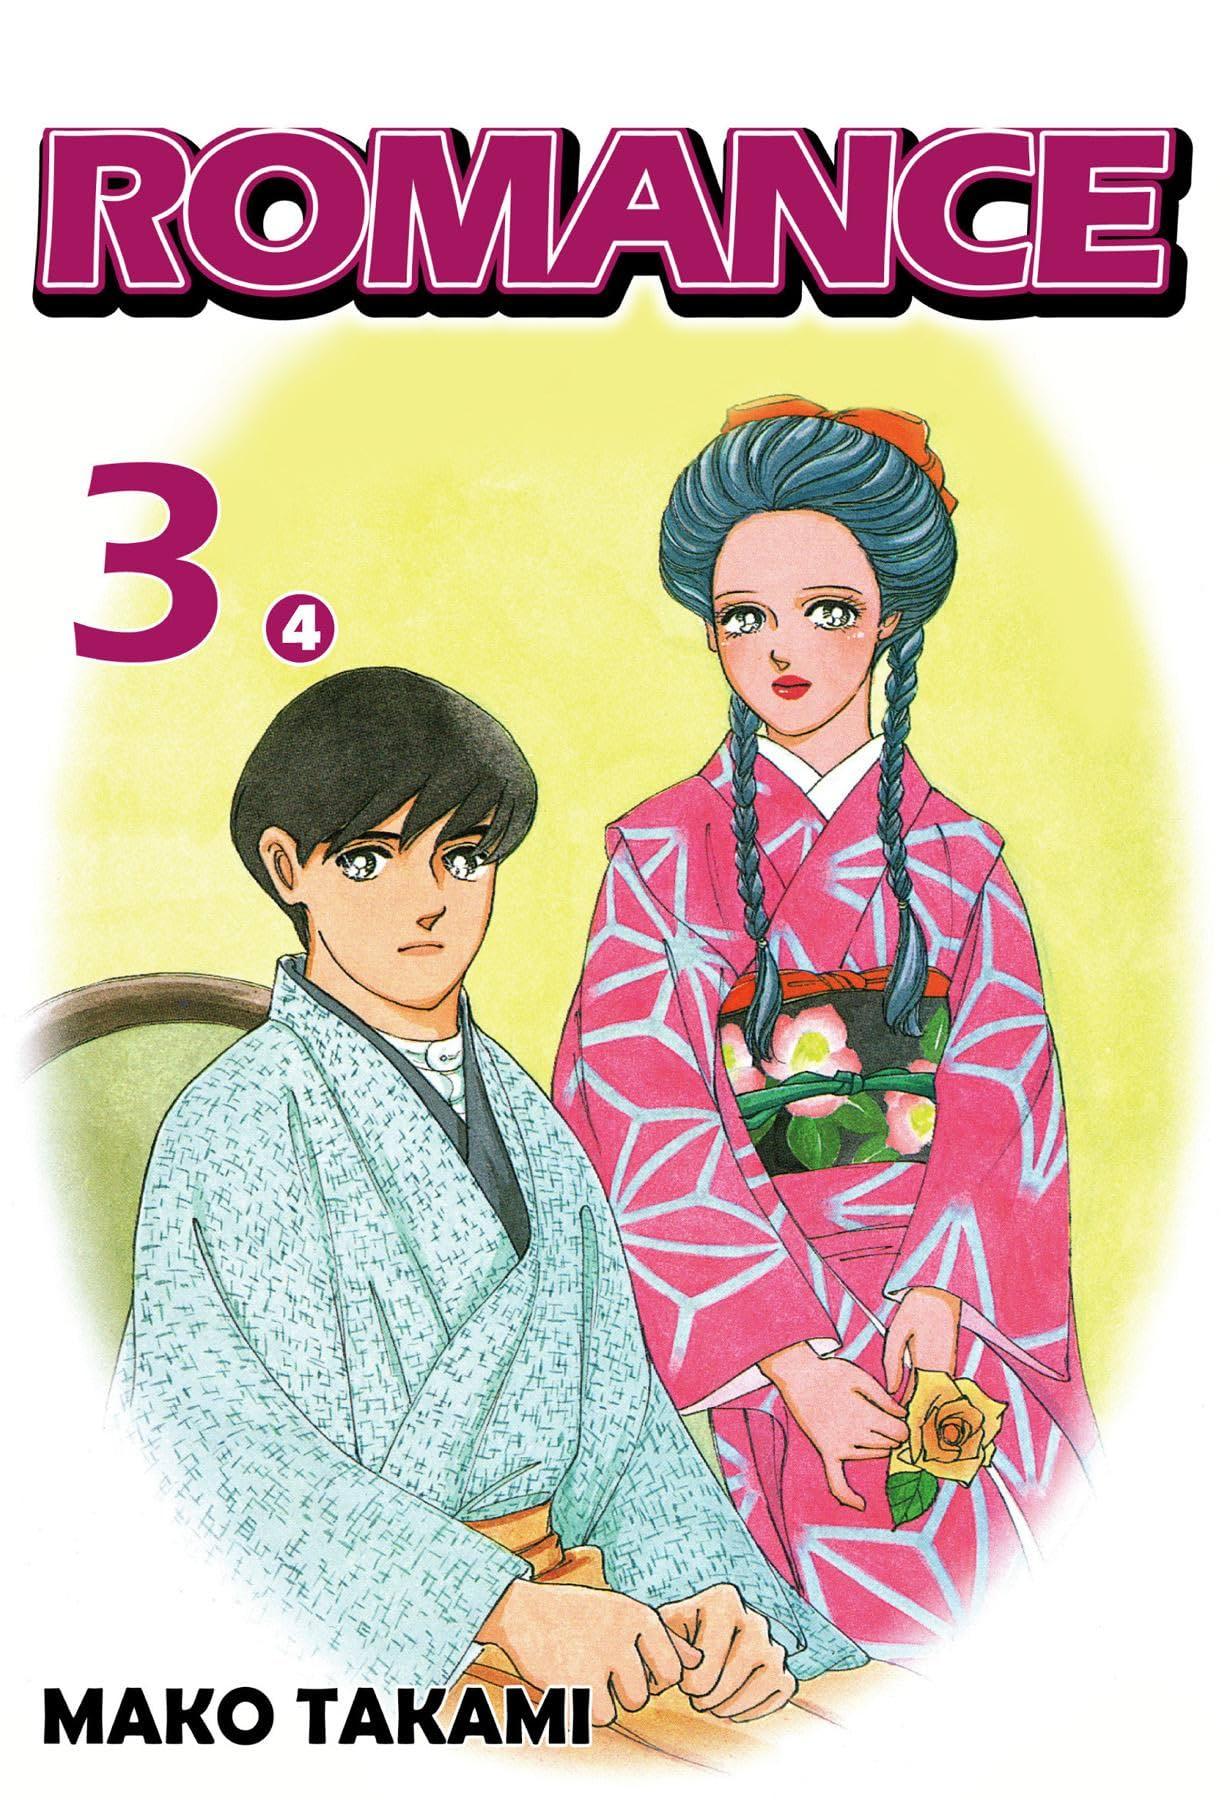 ROMANCE #18